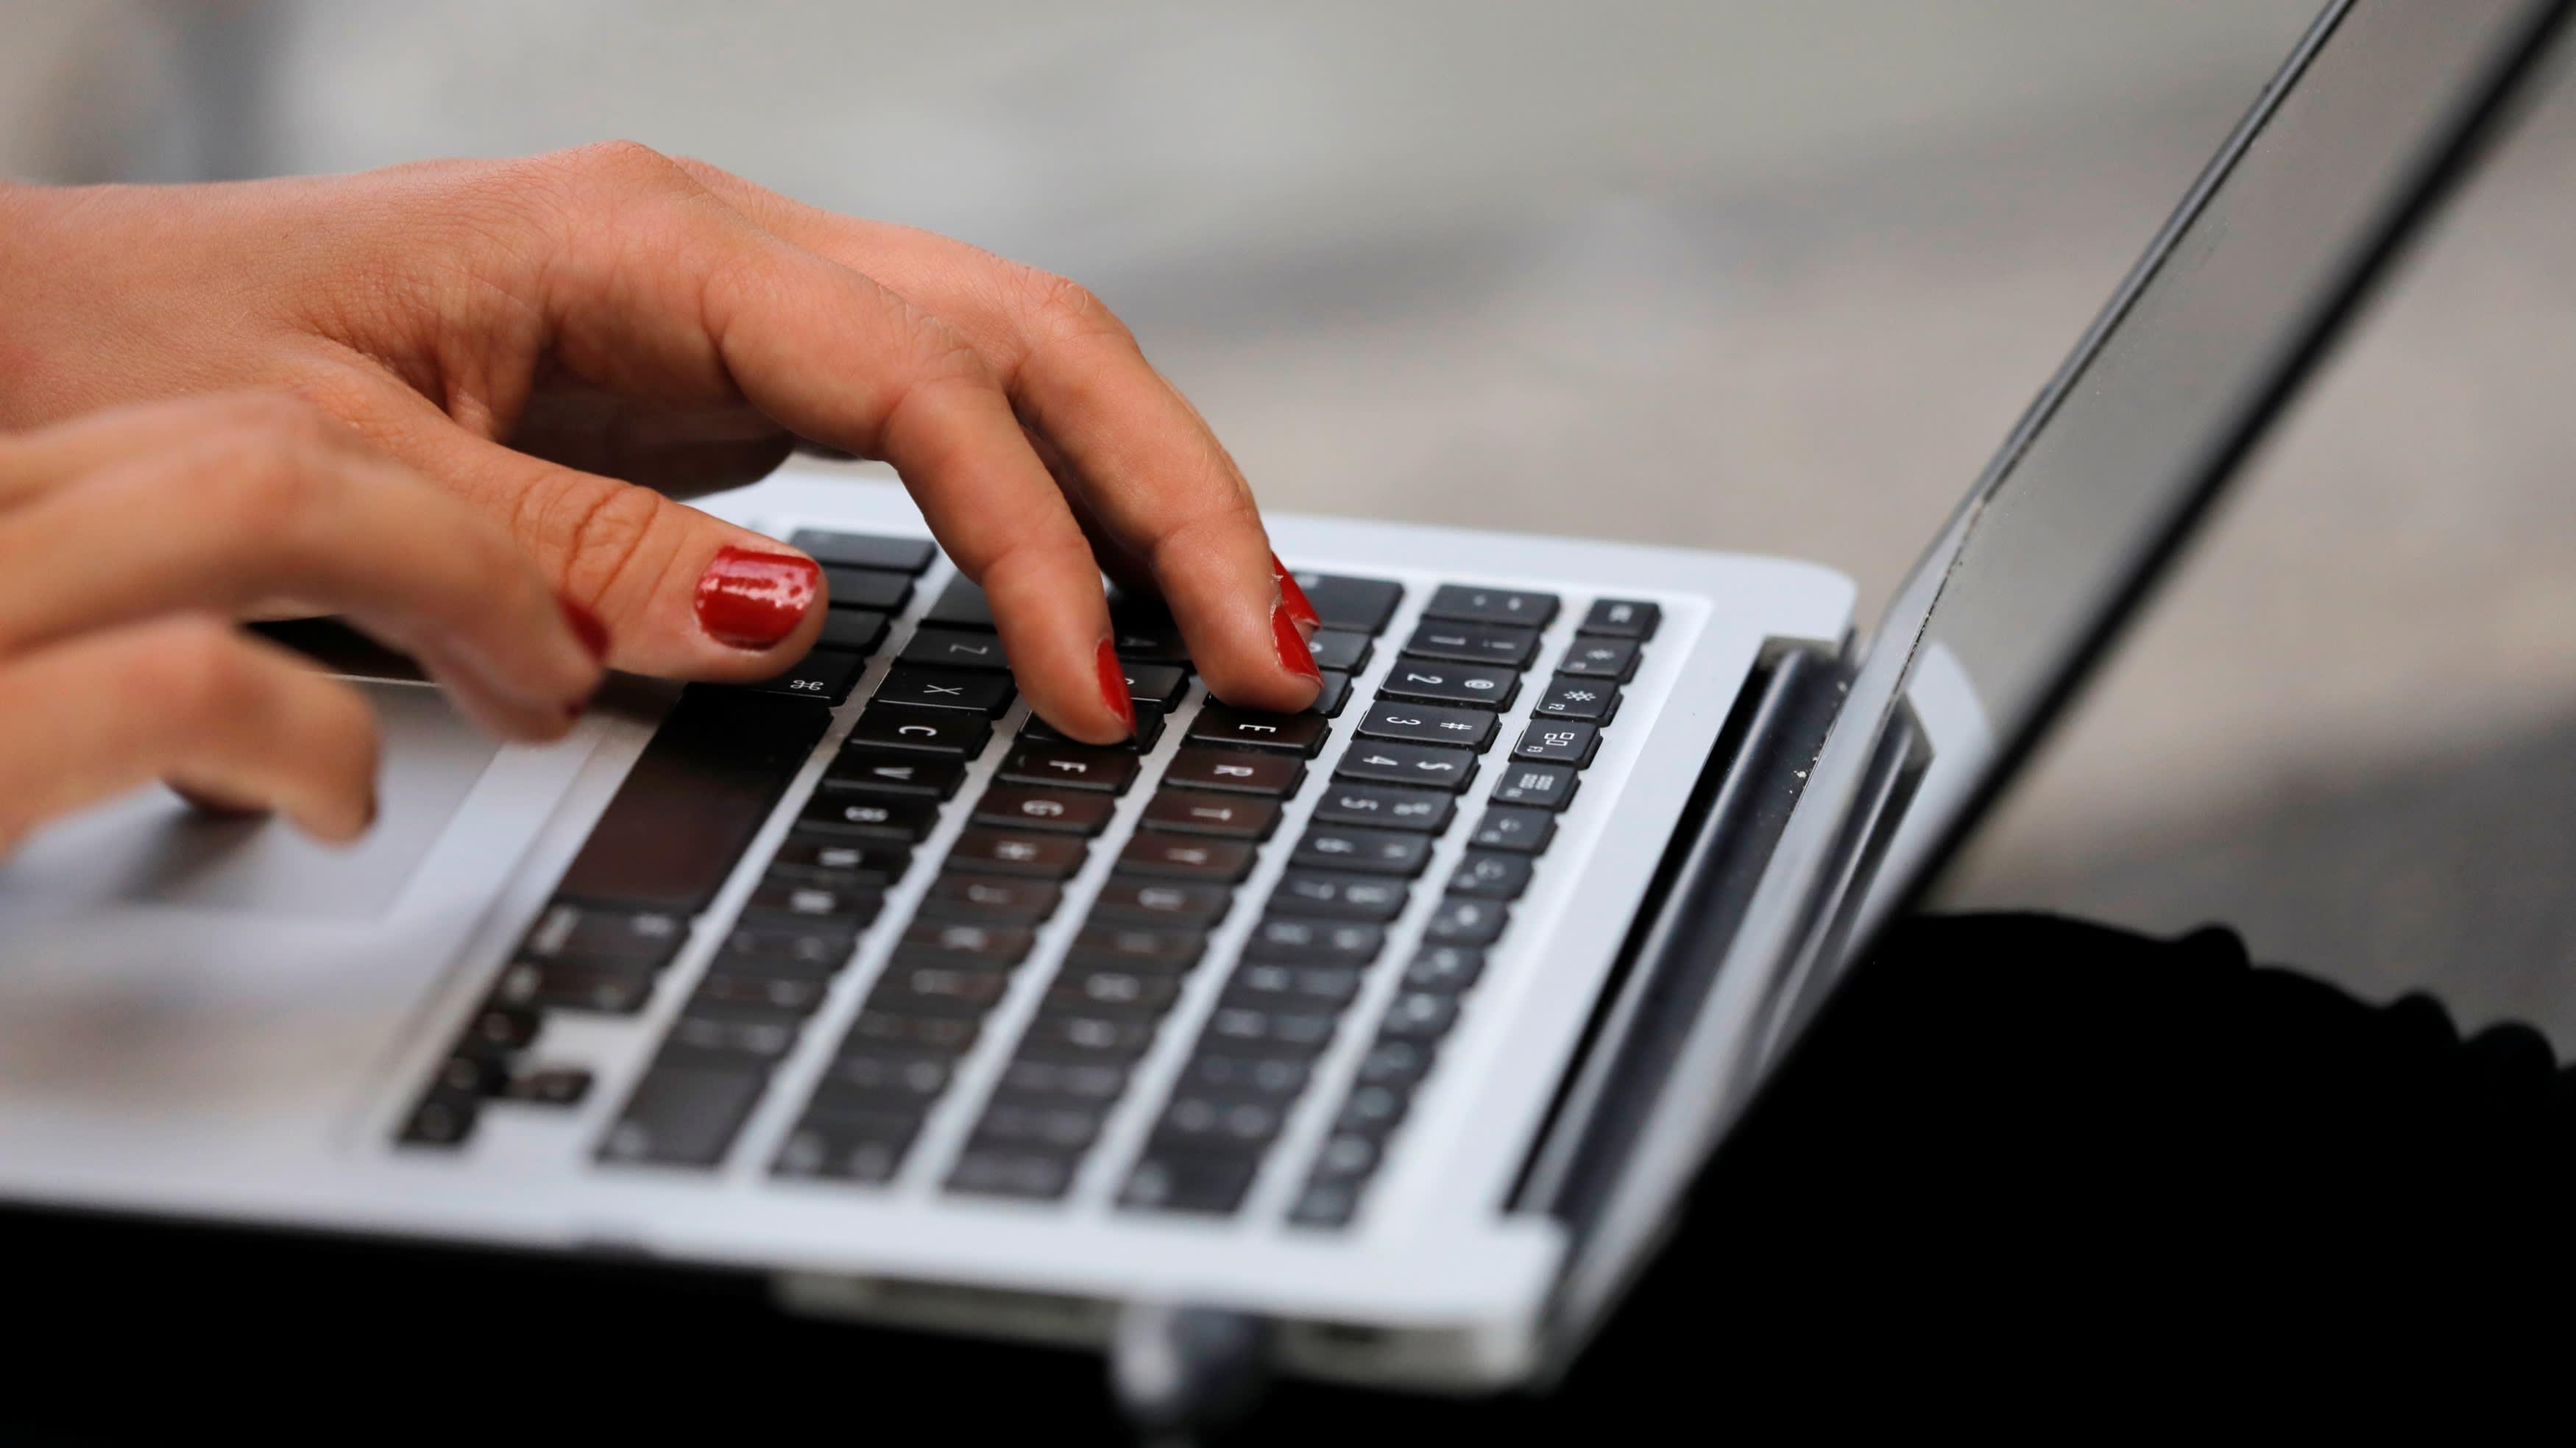 Việt Nam và Thái Lan sẽ là trung tâm sản xuất laptop chính, vượt mặt Trung Quốc vào năm 2030 - Ảnh 1.